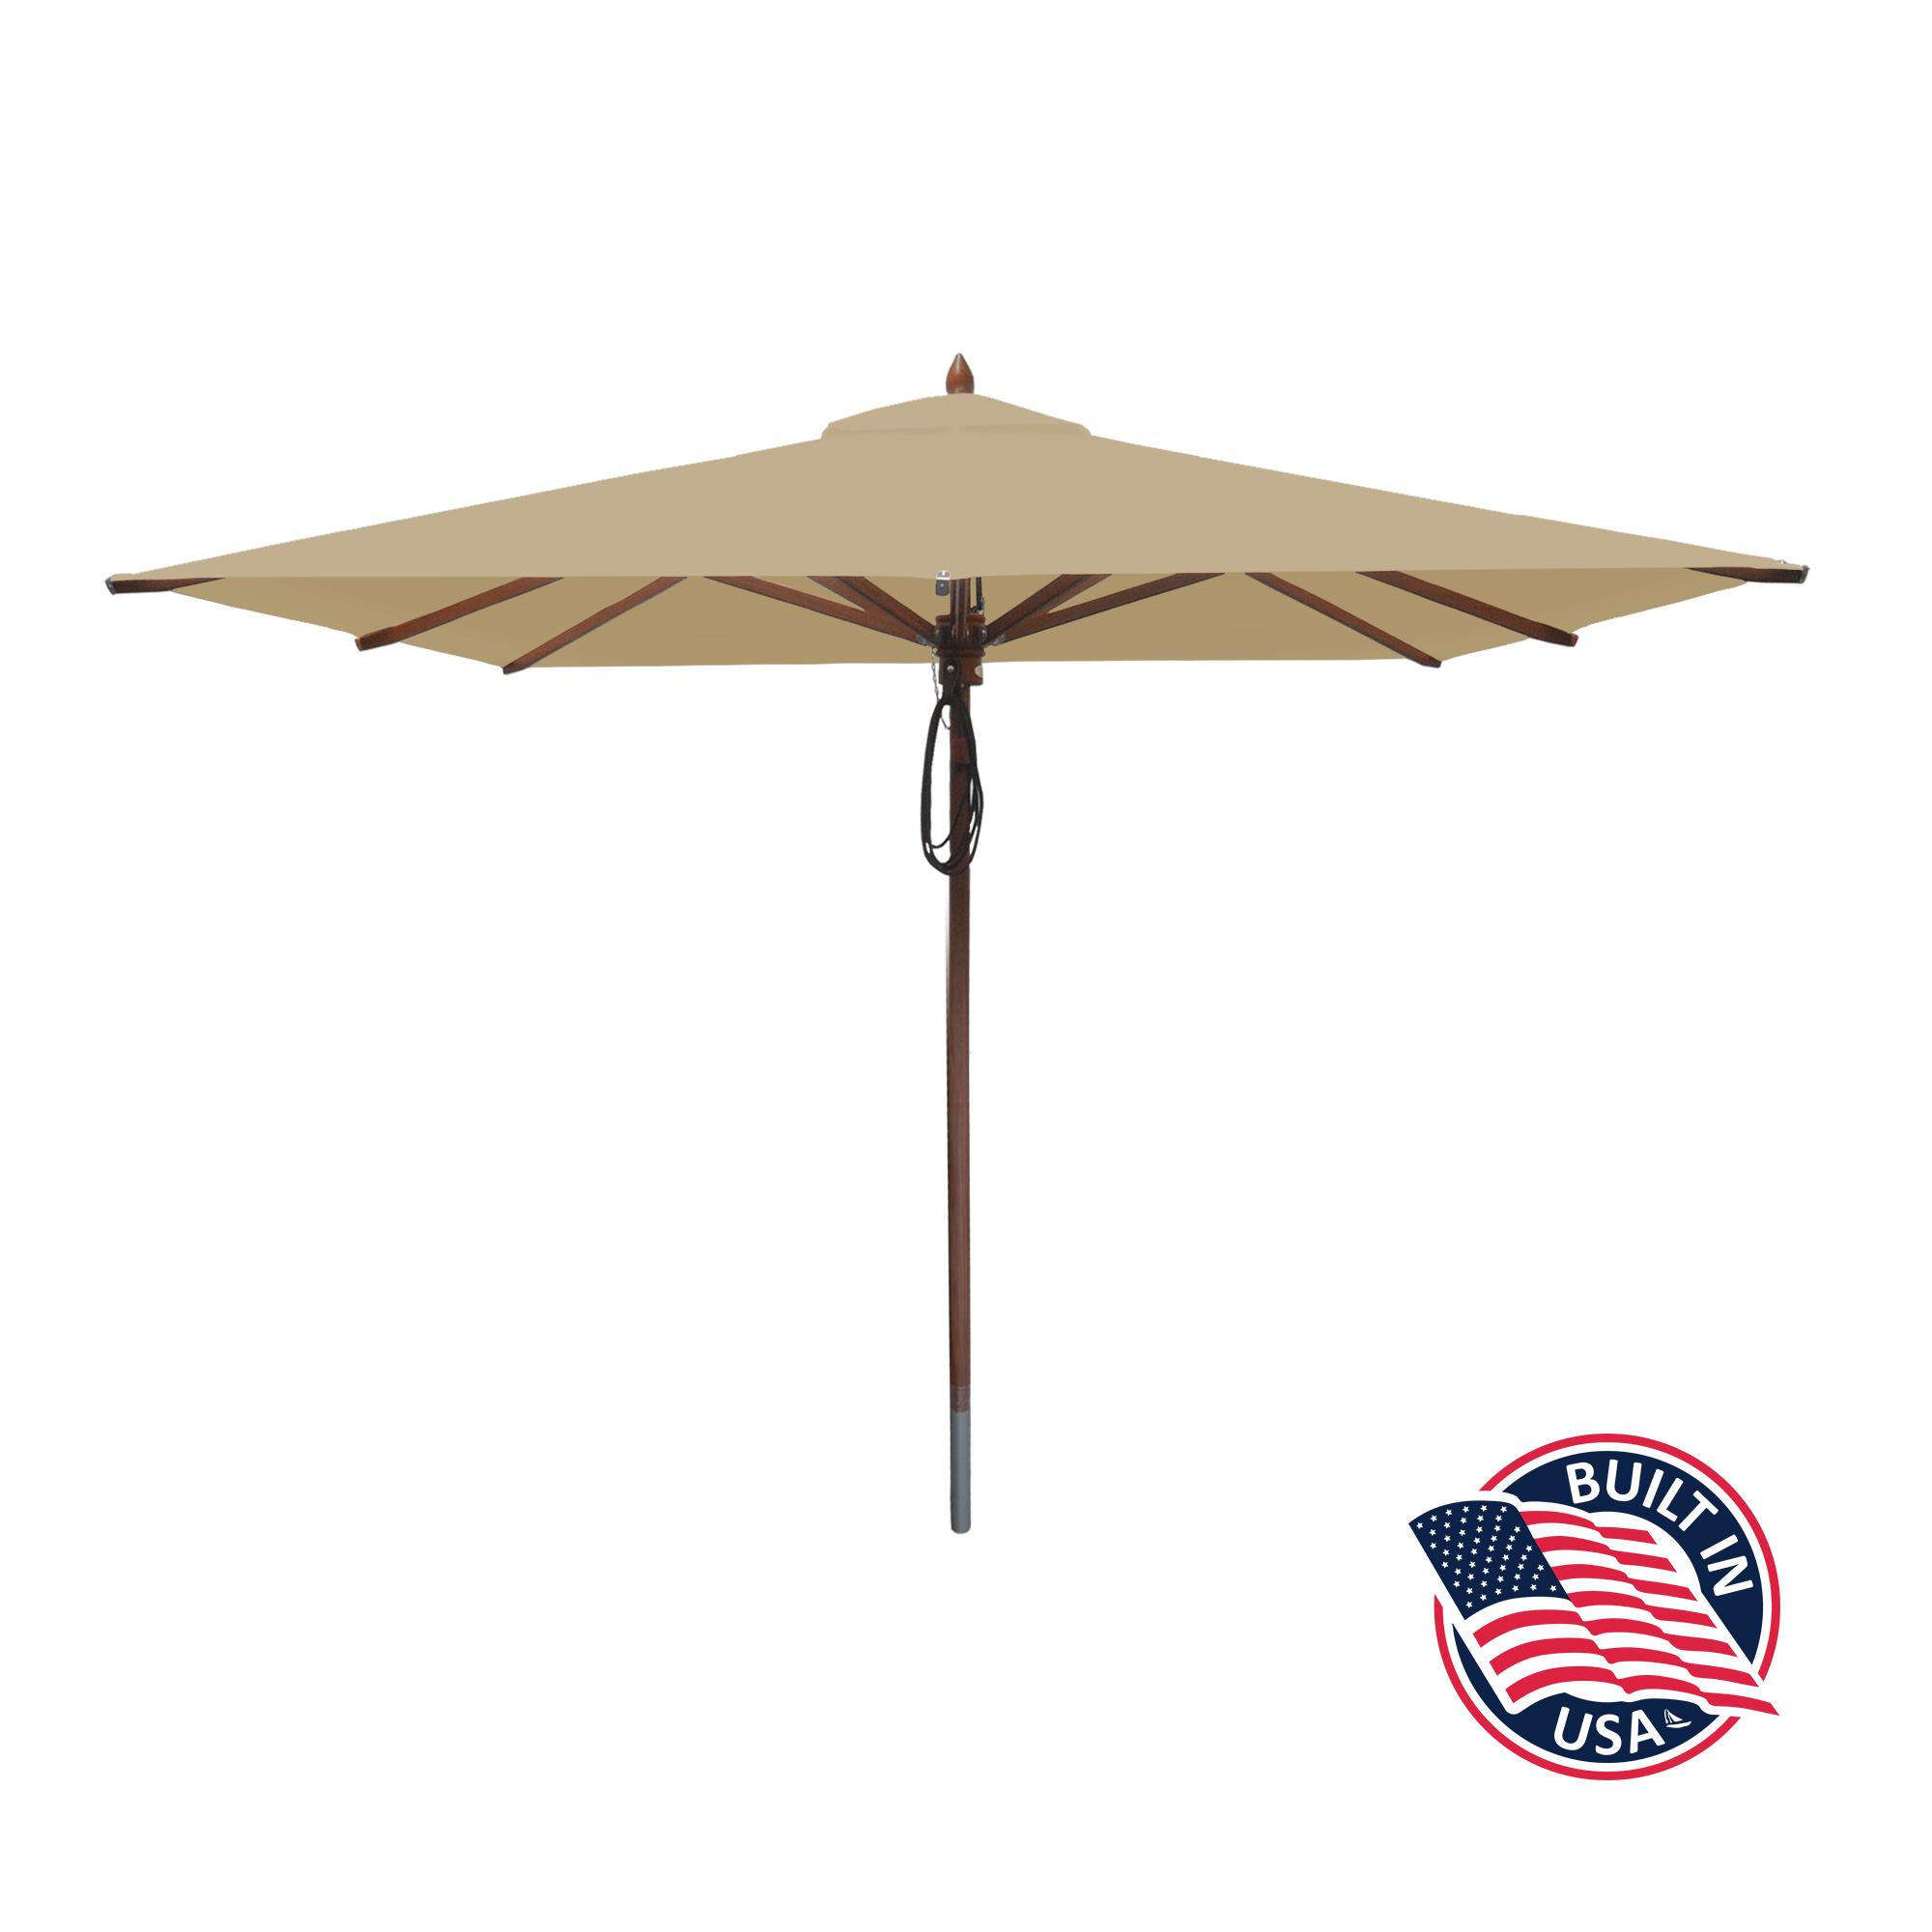 8' Square Patio Umbrella